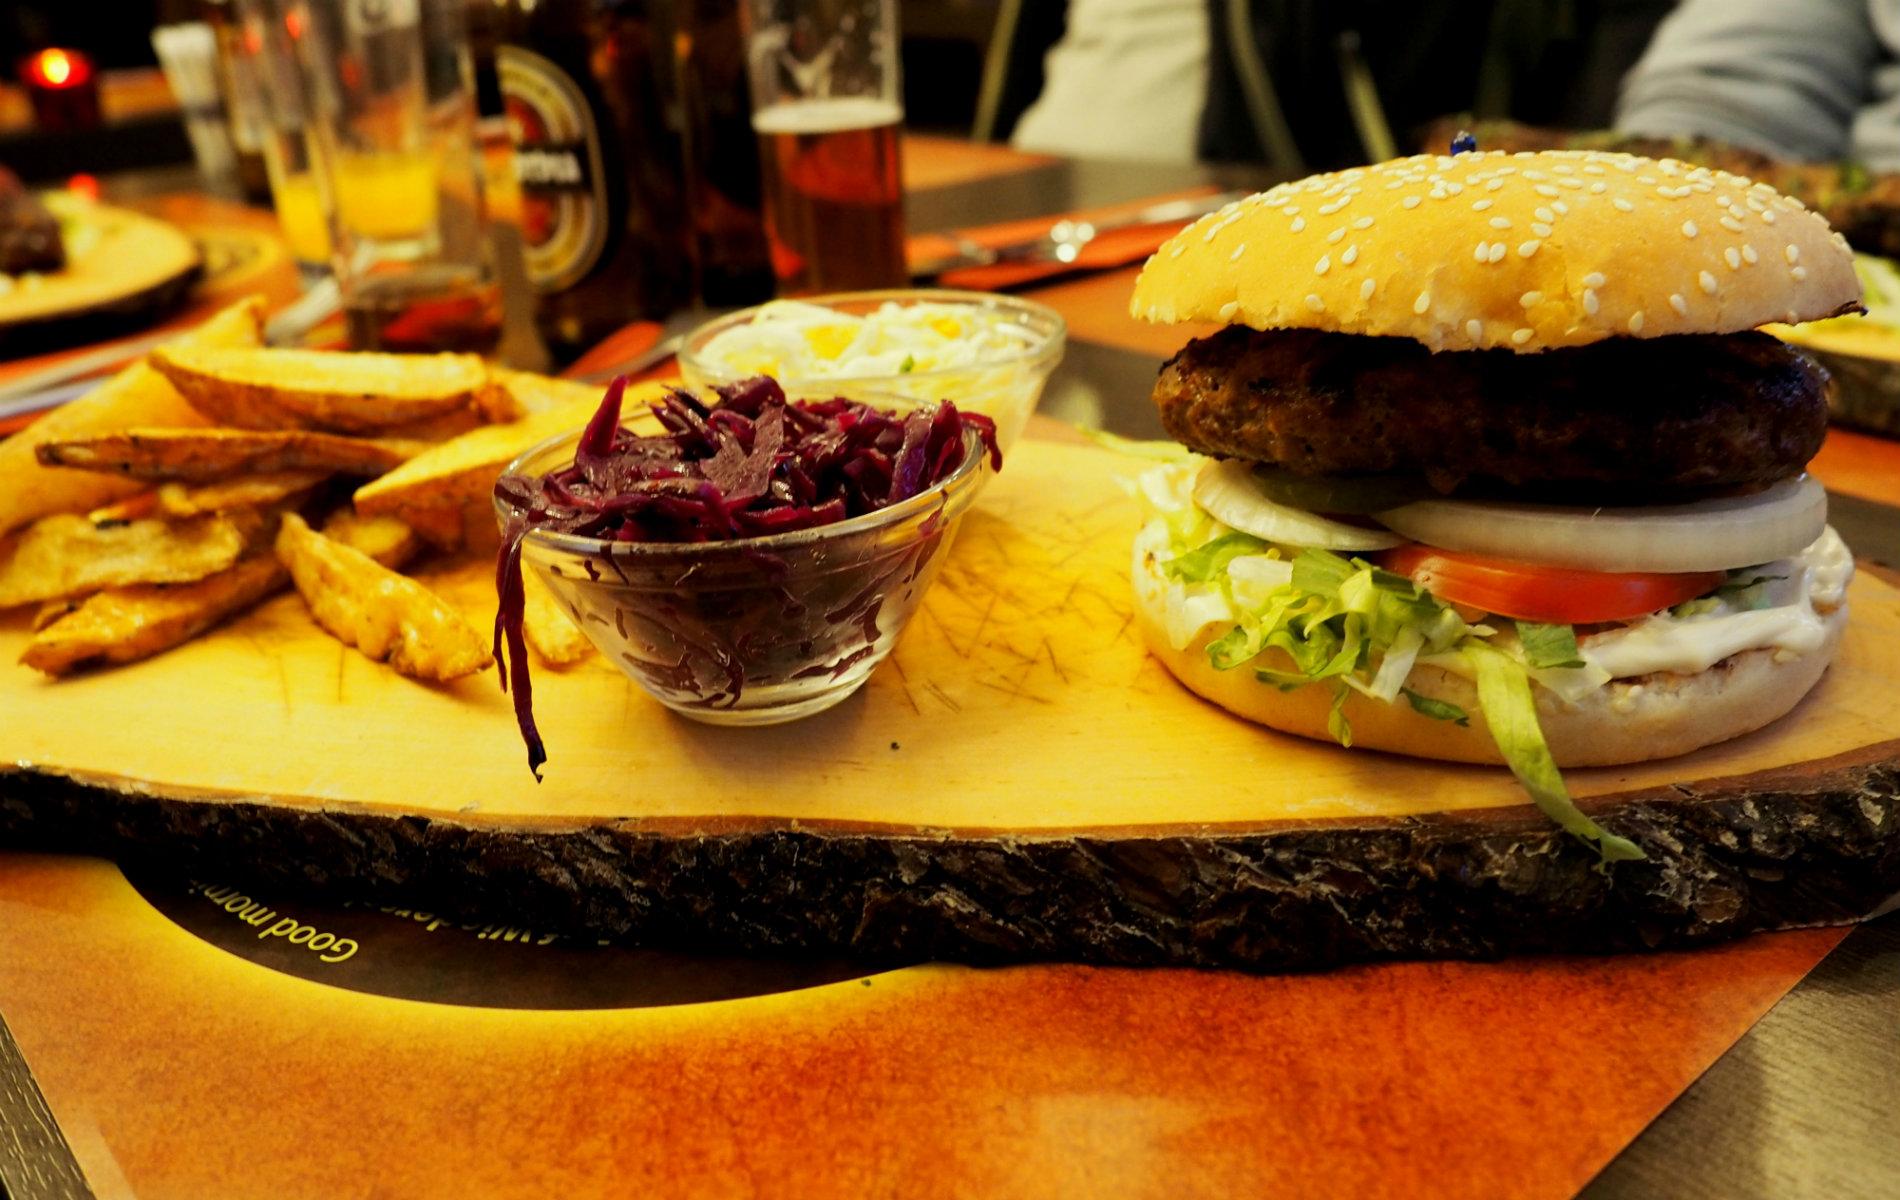 Burger: Eclipse Grillbar München